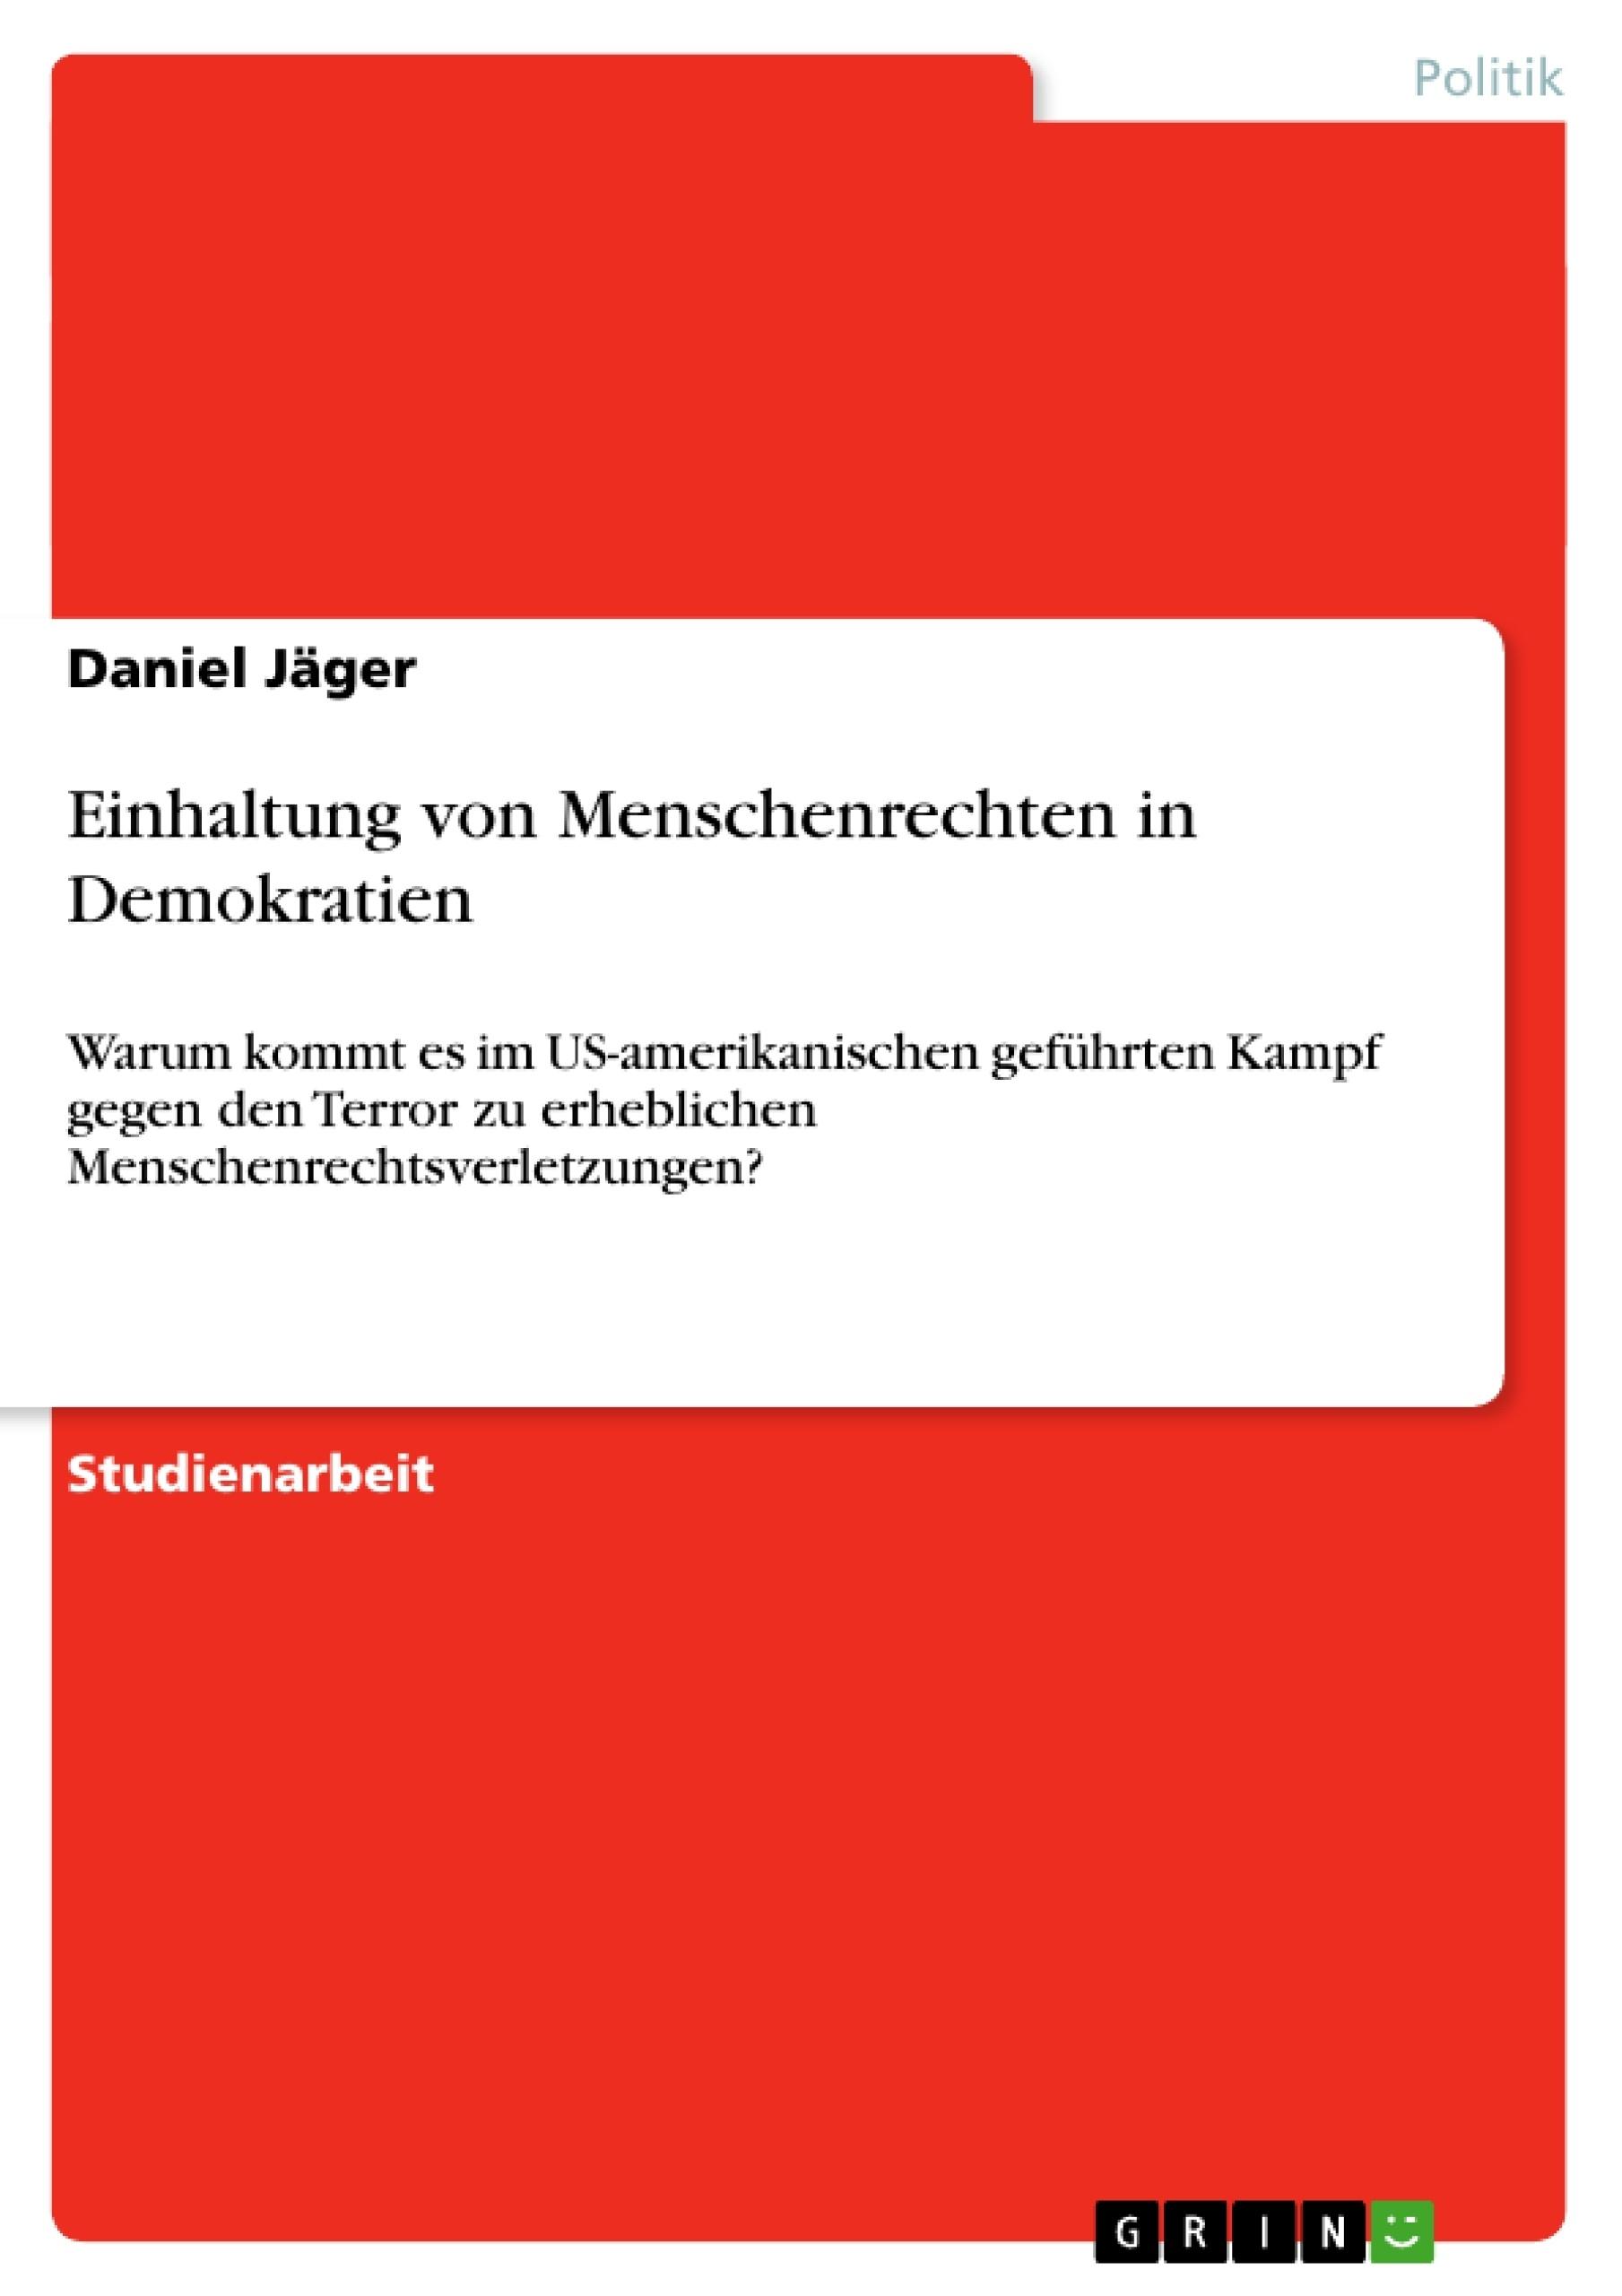 Titel: Einhaltung von Menschenrechten in Demokratien